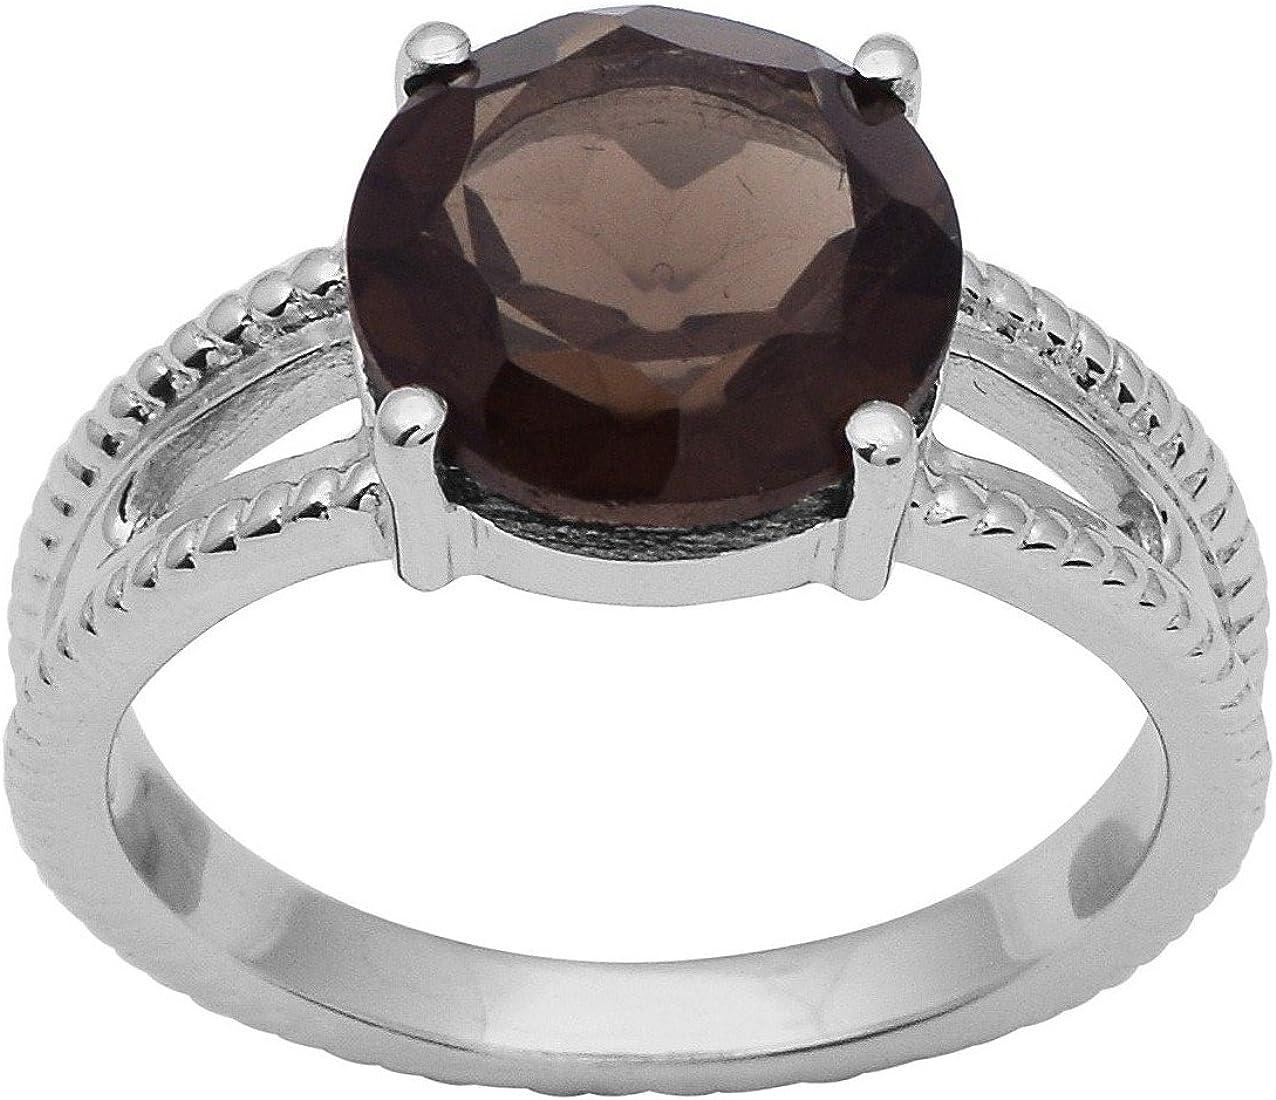 Shine Jewel Solitario de plata de ley 925 con piedras preciosas ahumadas de rodio blanco y anillo para mujer